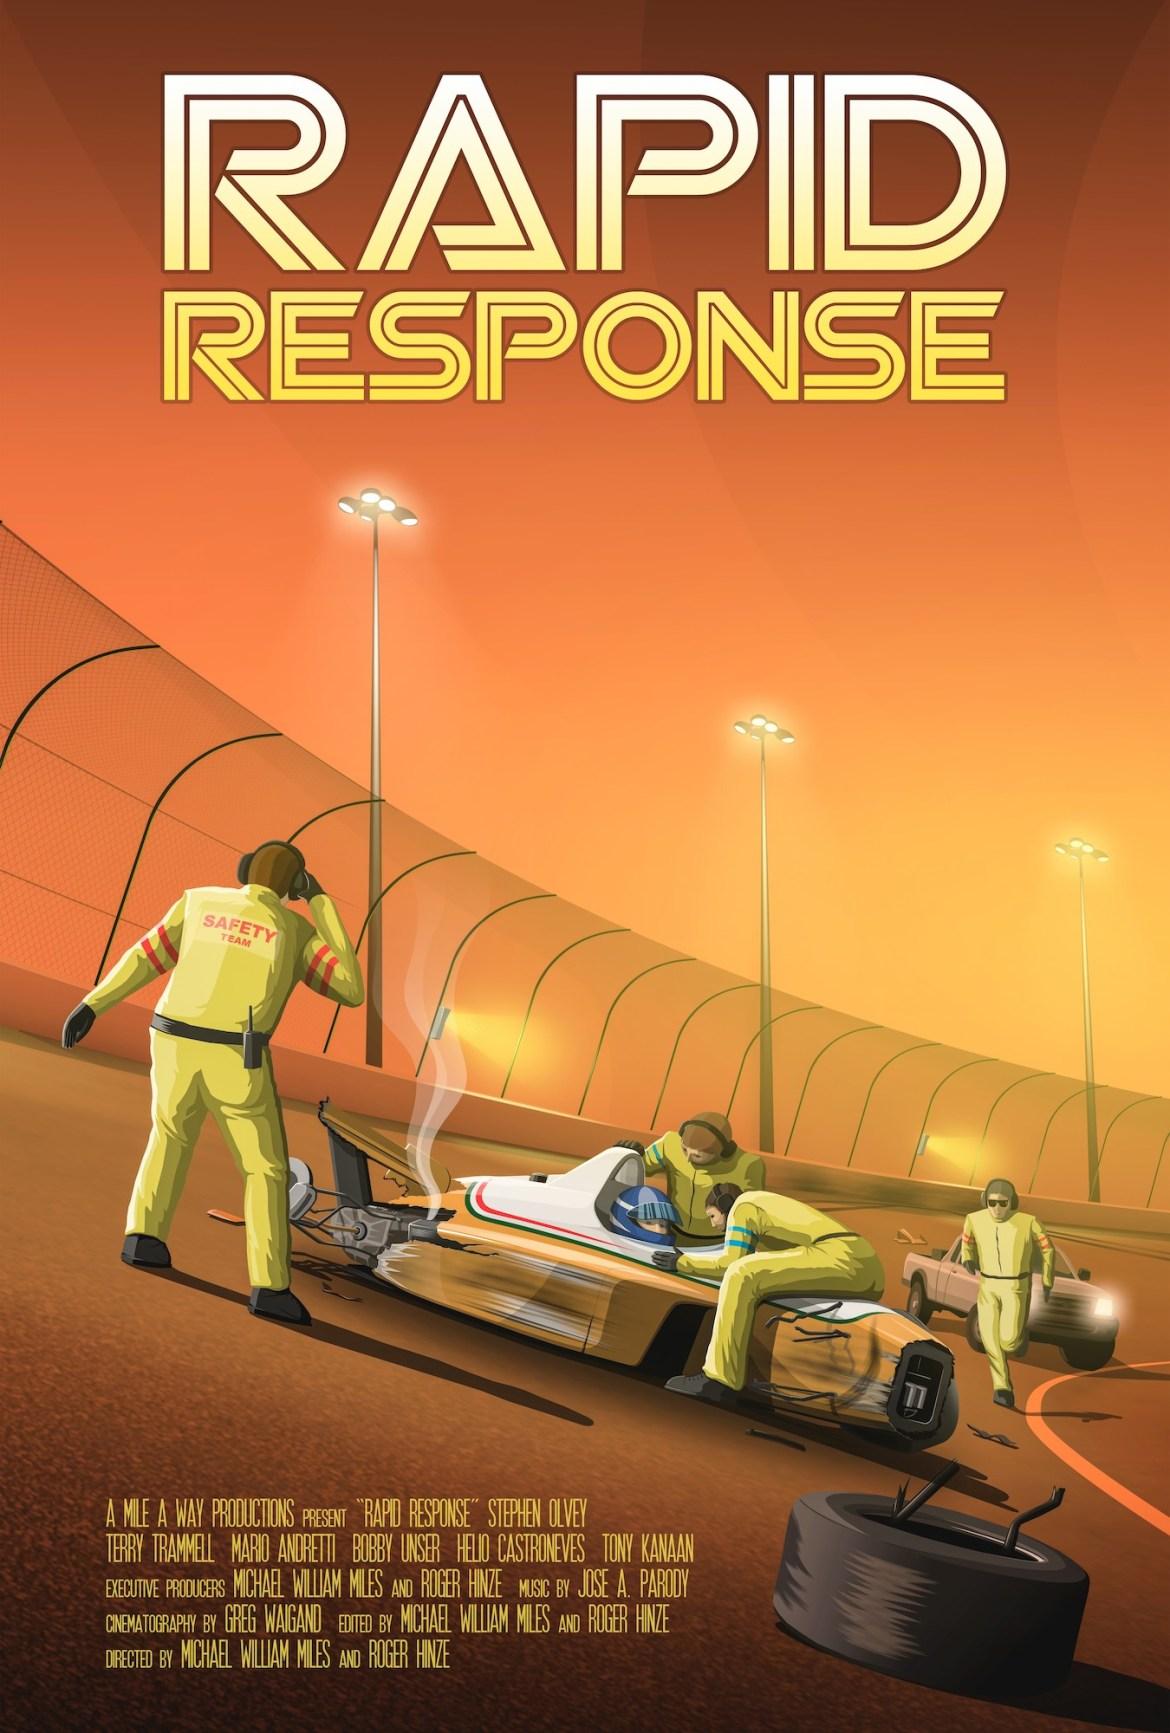 Rapid Response Movie